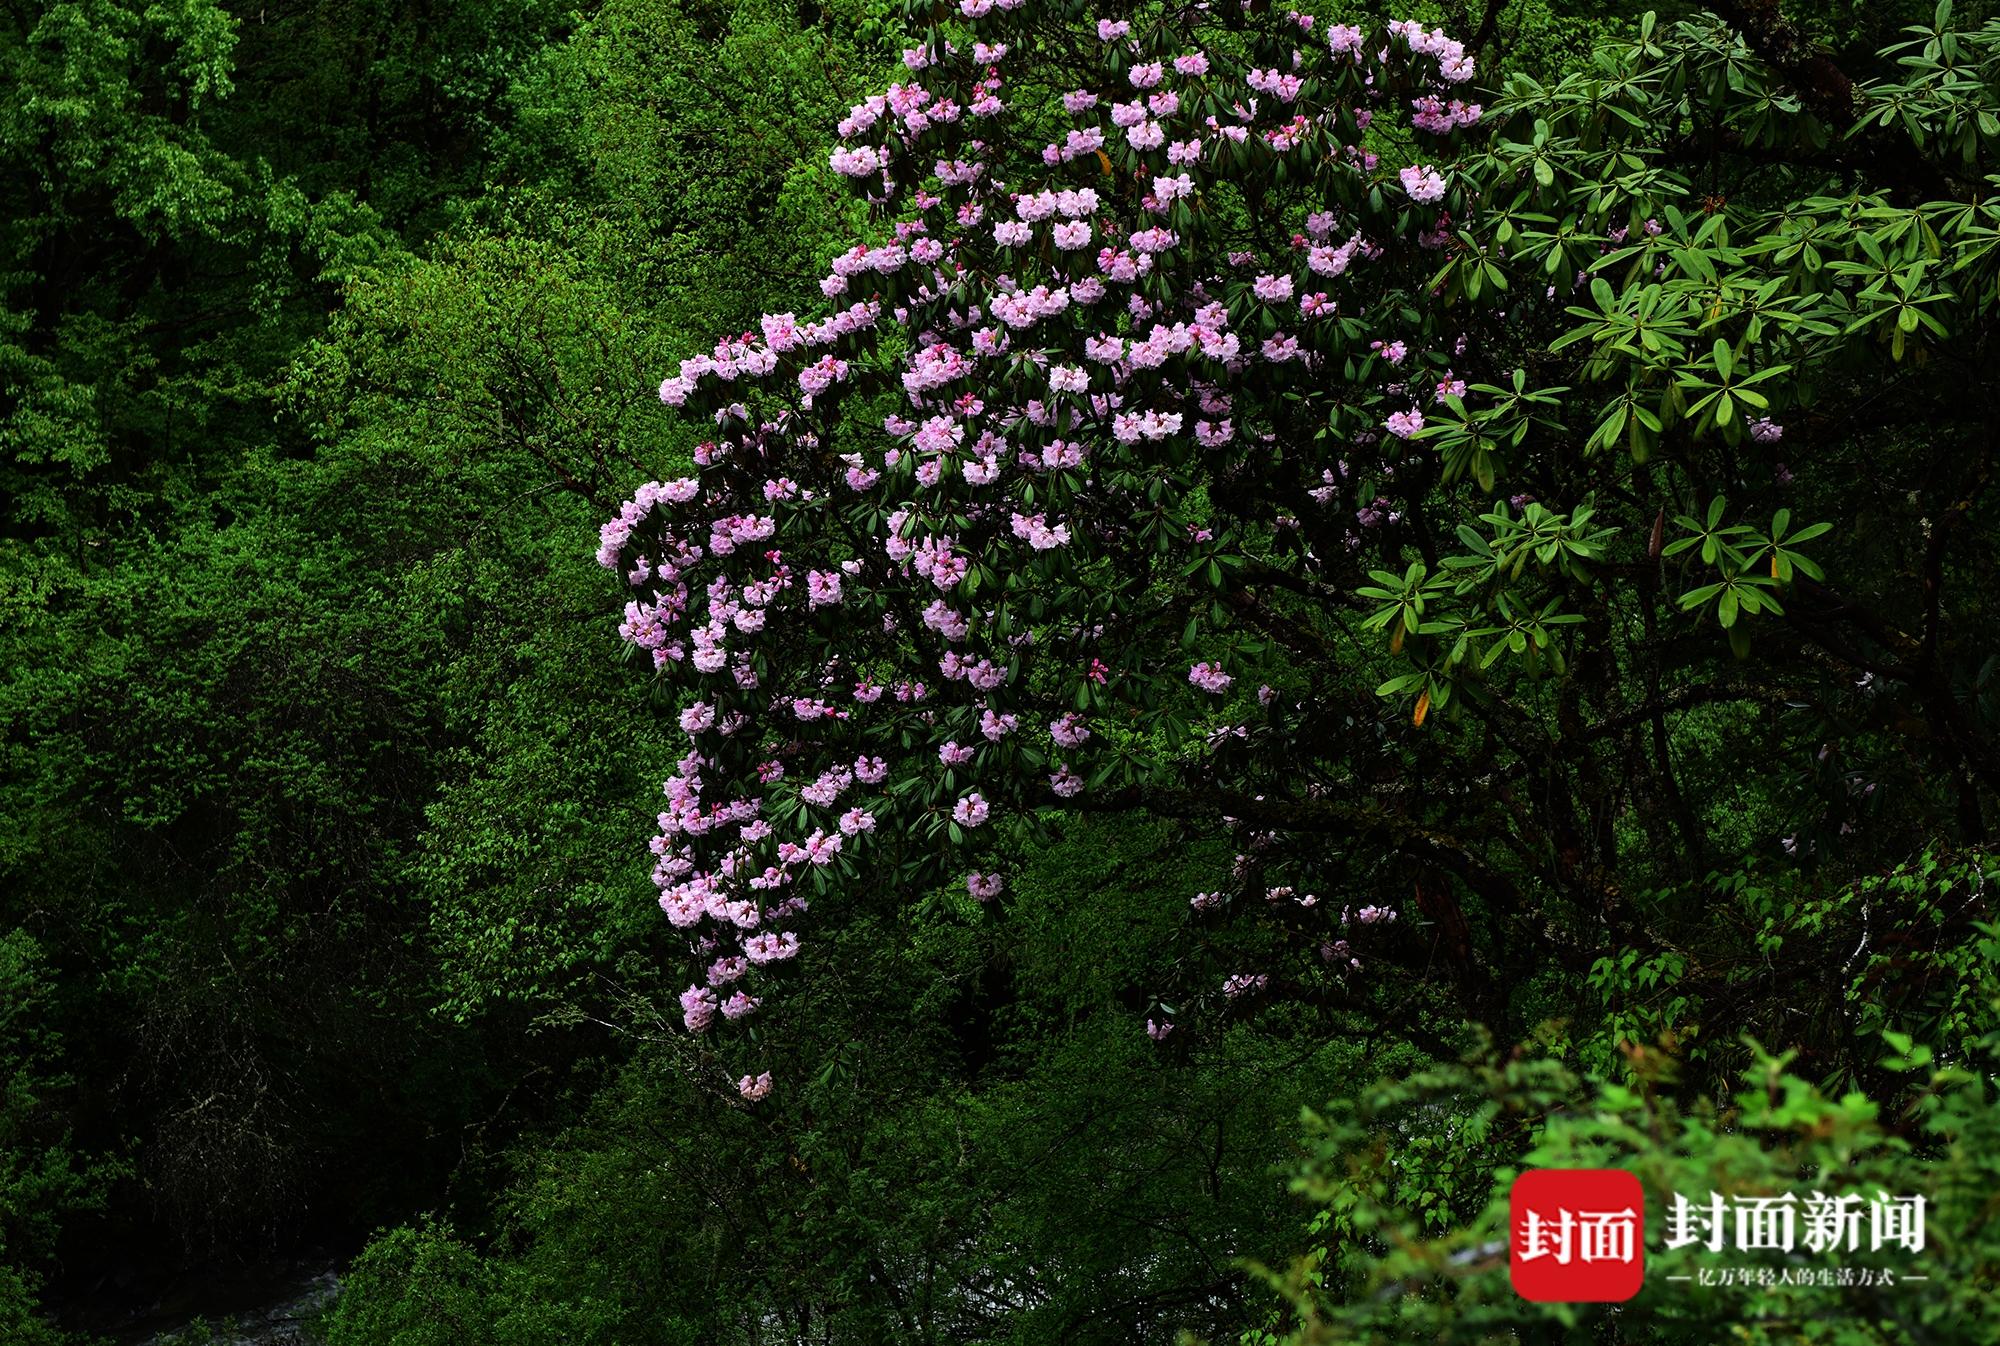 雅安市夹金山:山中五月天 杜鹃花开映山红